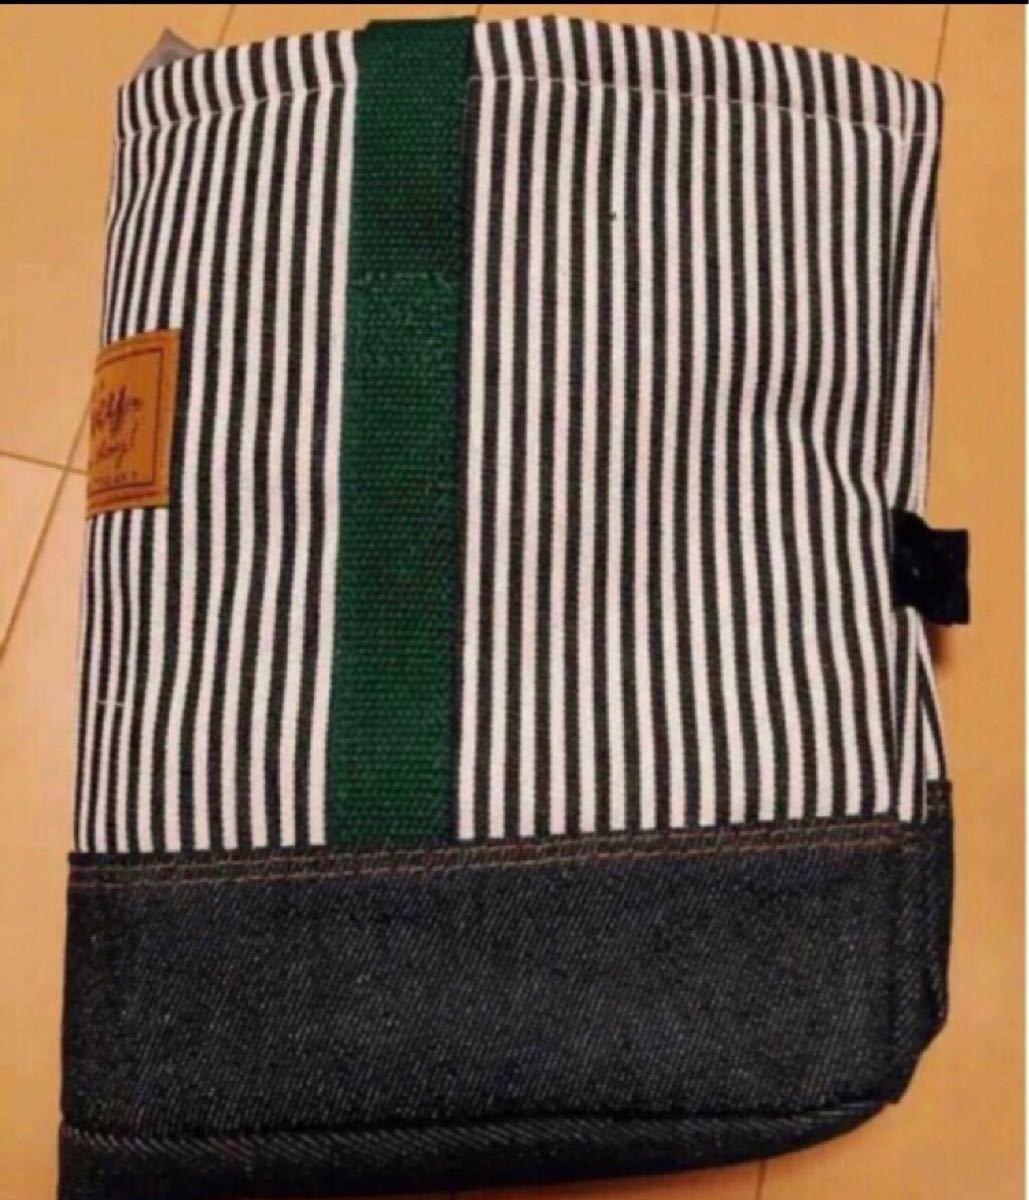 ショッピングバッグ エコバッグ レジカゴバッグ 保冷バッグ 大容量